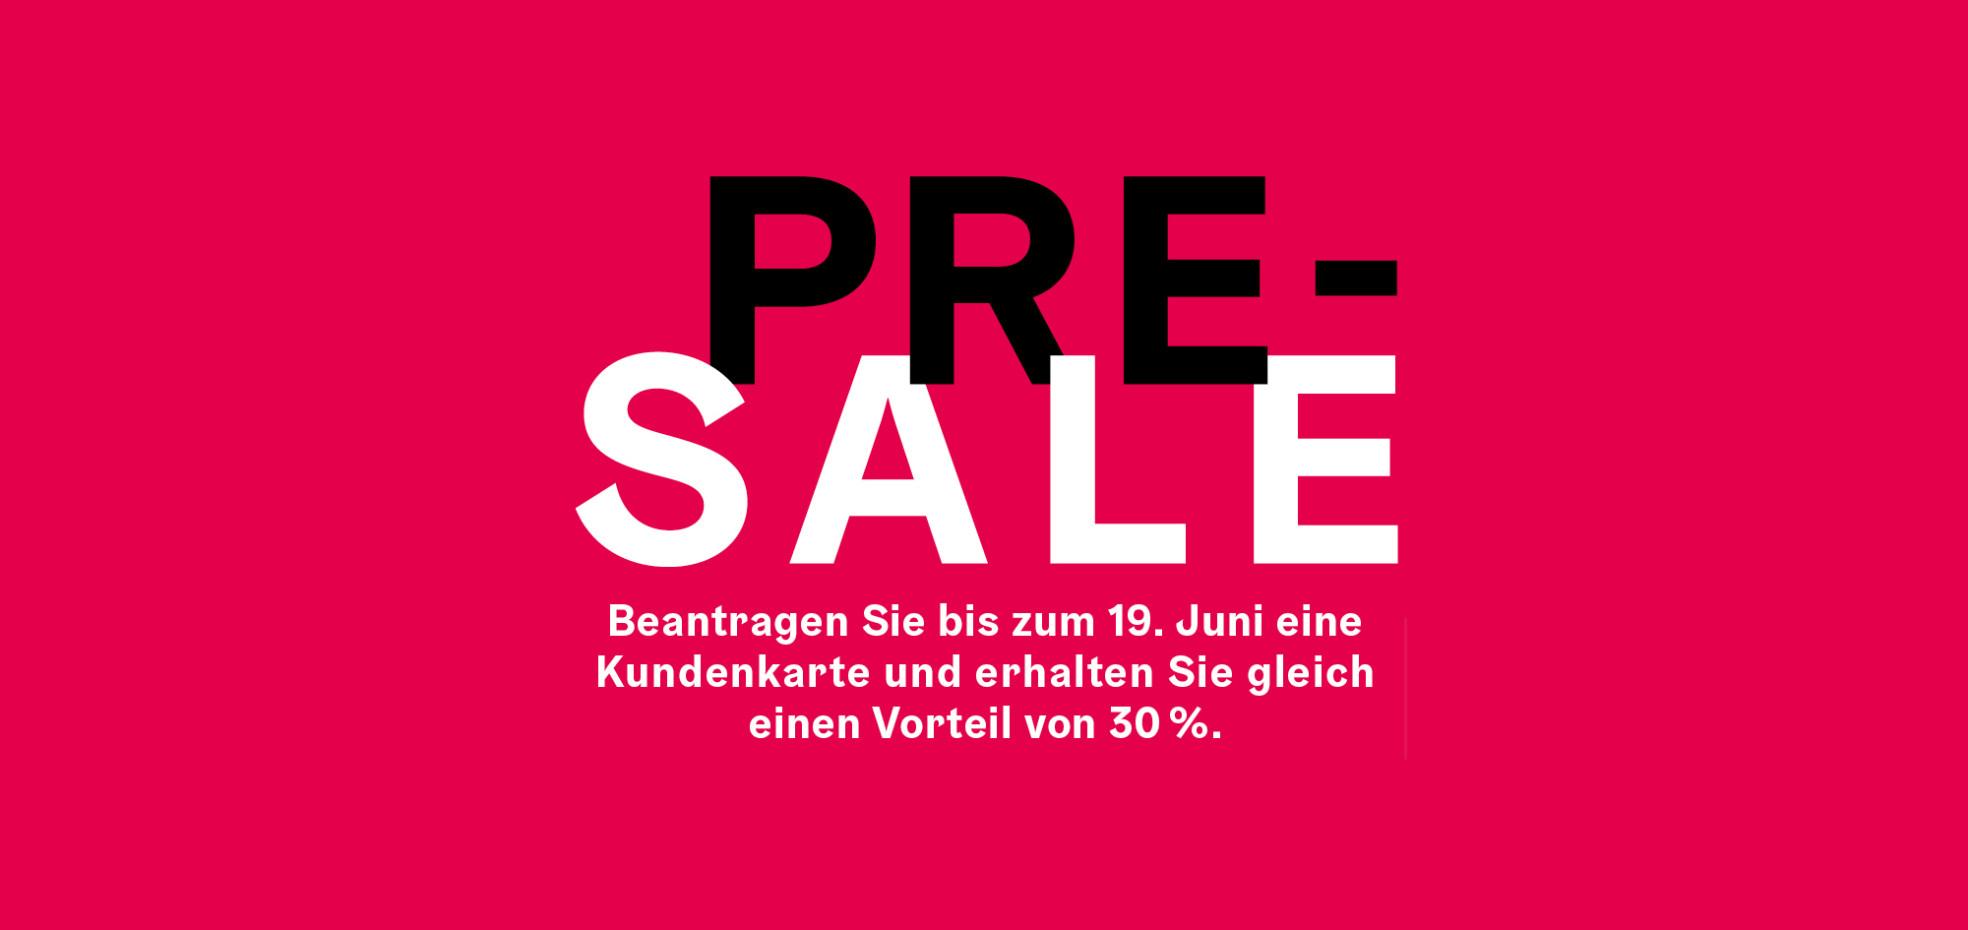 PreSale-XL-Teaser-2000x945px-190522-RZ-rgb